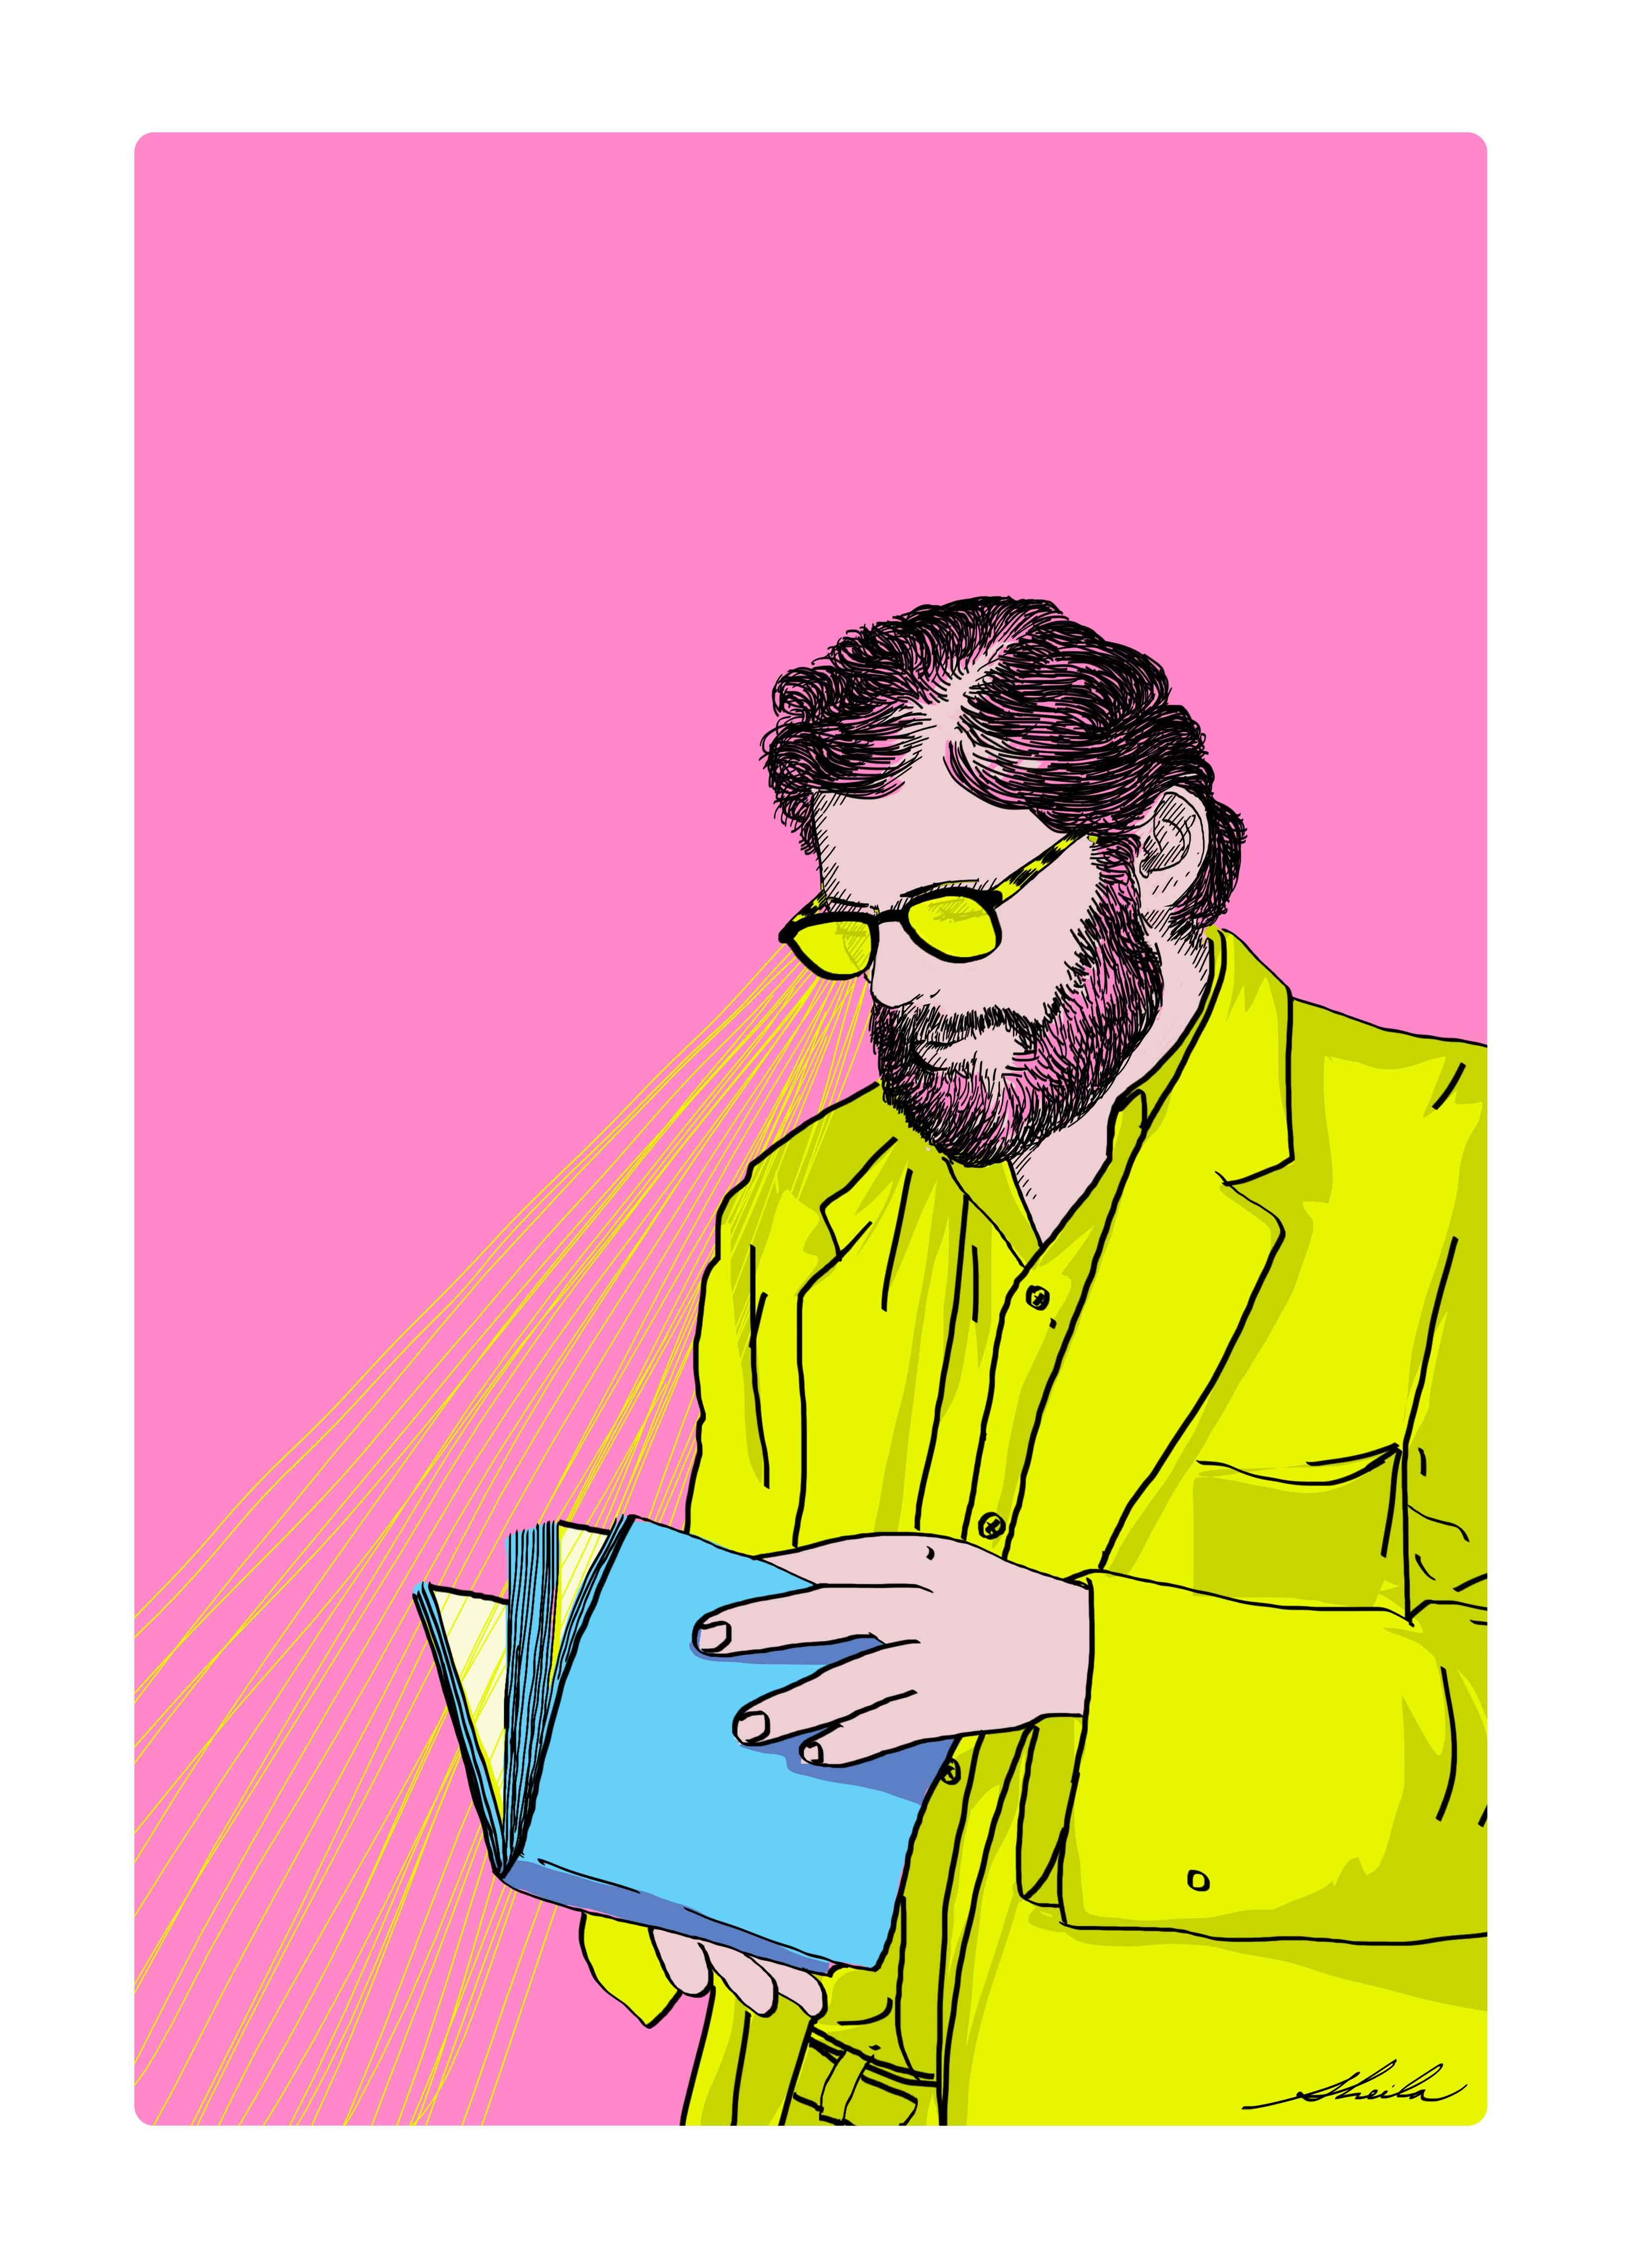 Ilustración de la artista plástica Sheila Alvarado en base a una foto de Allen Ginsberg durante el recital en el Instituto de Arte Contemporáneo de Lima (IAC), en mayo de 1960.